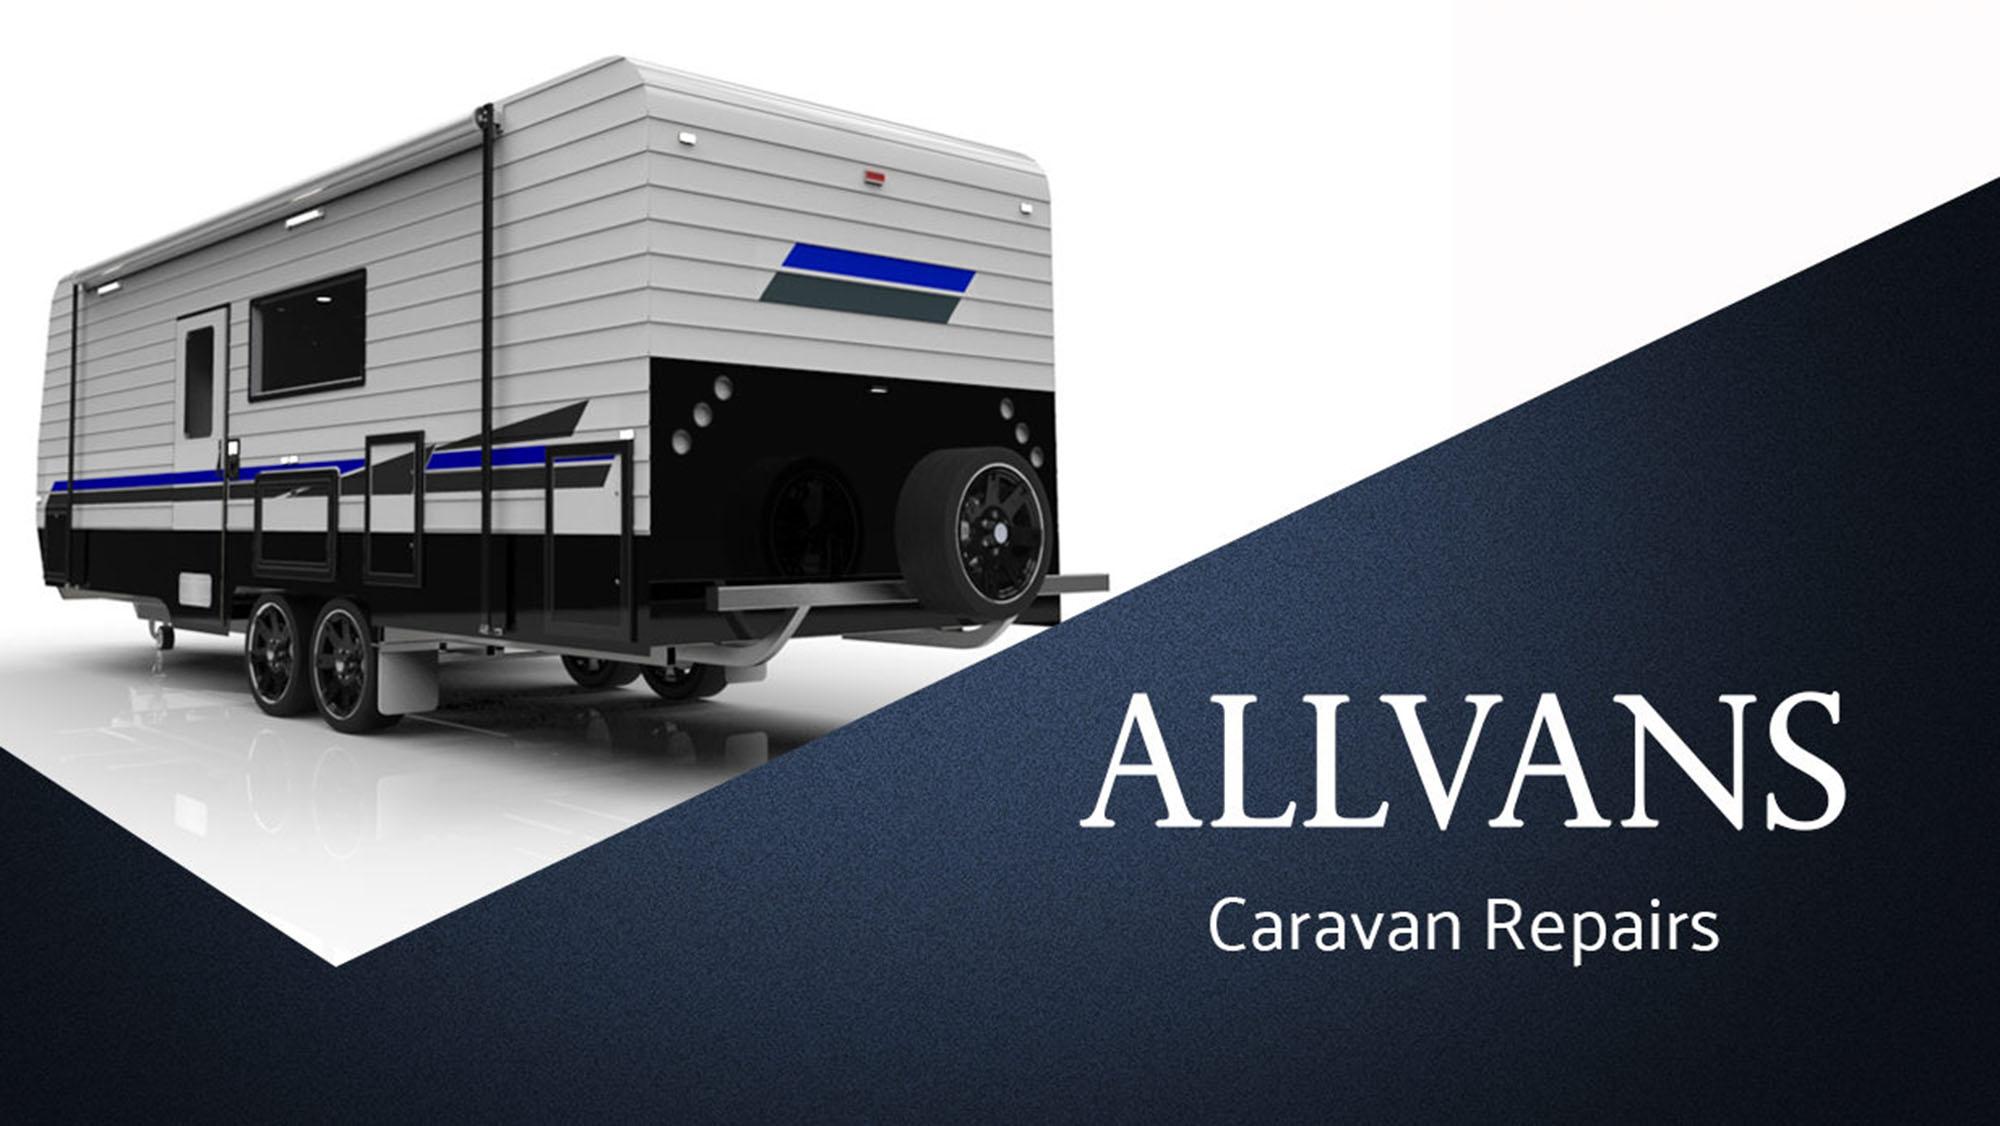 Allvans Caravan Repairs